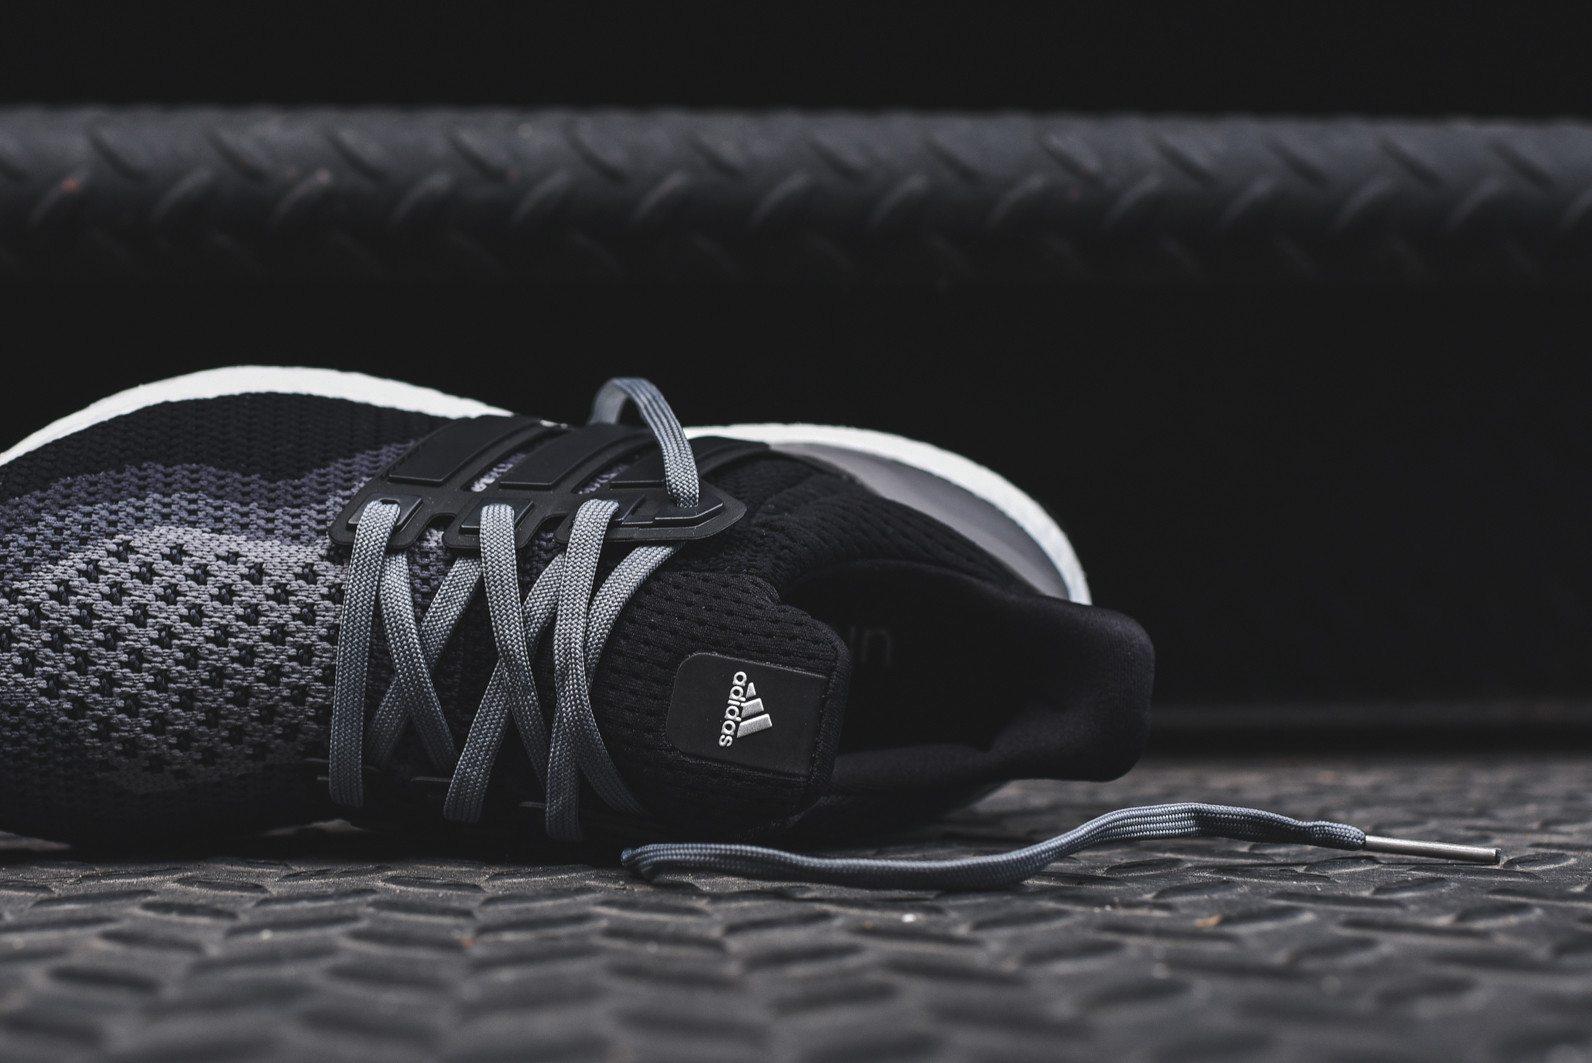 adidas Ultra Boost Black Grey 7